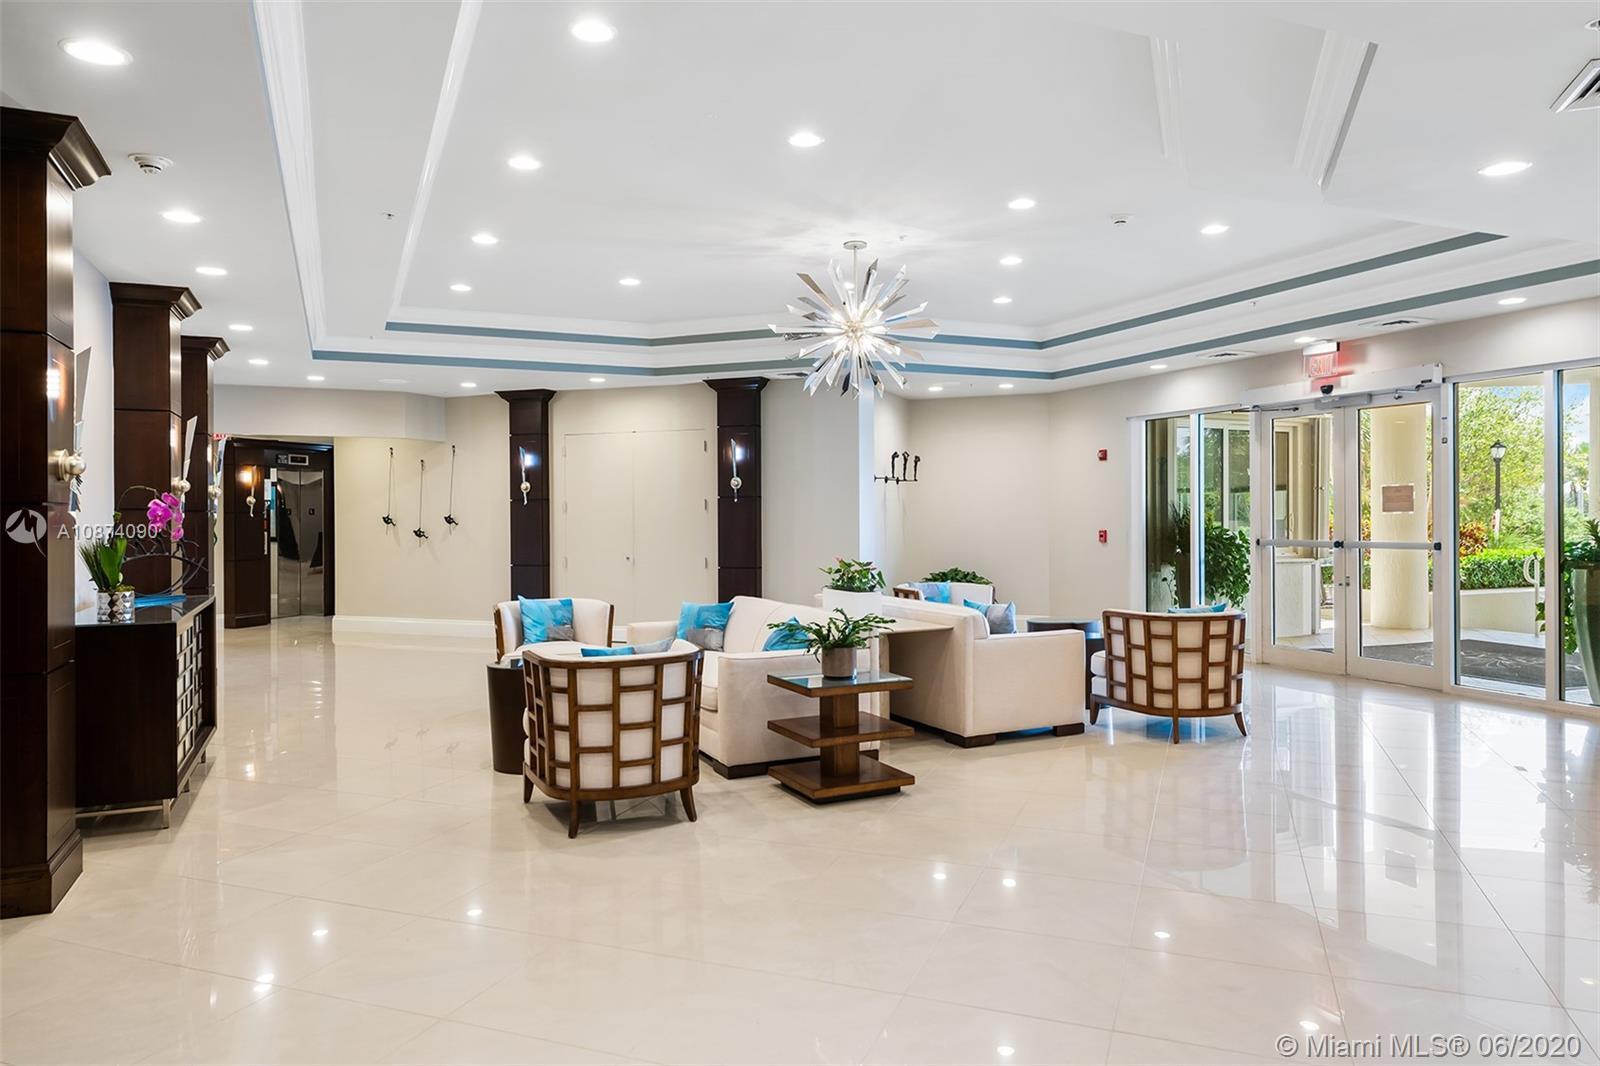 Photo of 6051 Ocean Dr #PH5, Hollywood, Florida, 33019 - Building lobby